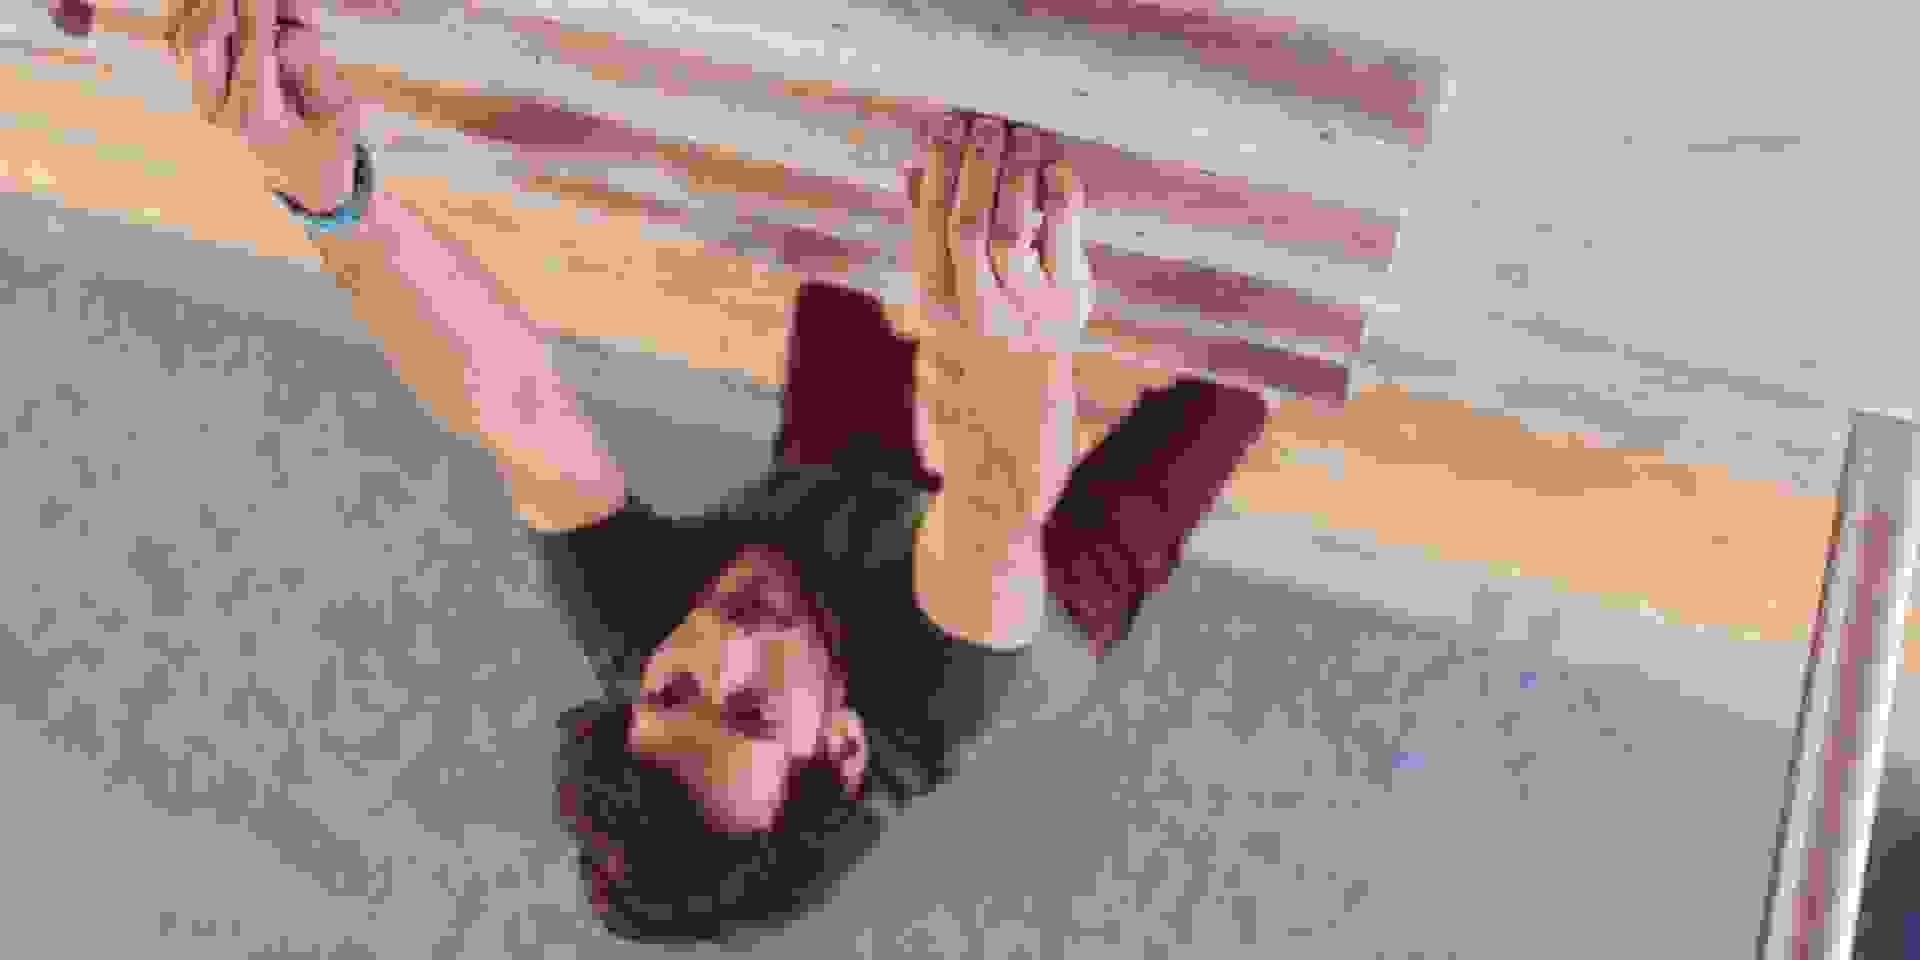 Ein Mann macht Übungen am Campusboard um seine Fingerkraft zu trainieren.